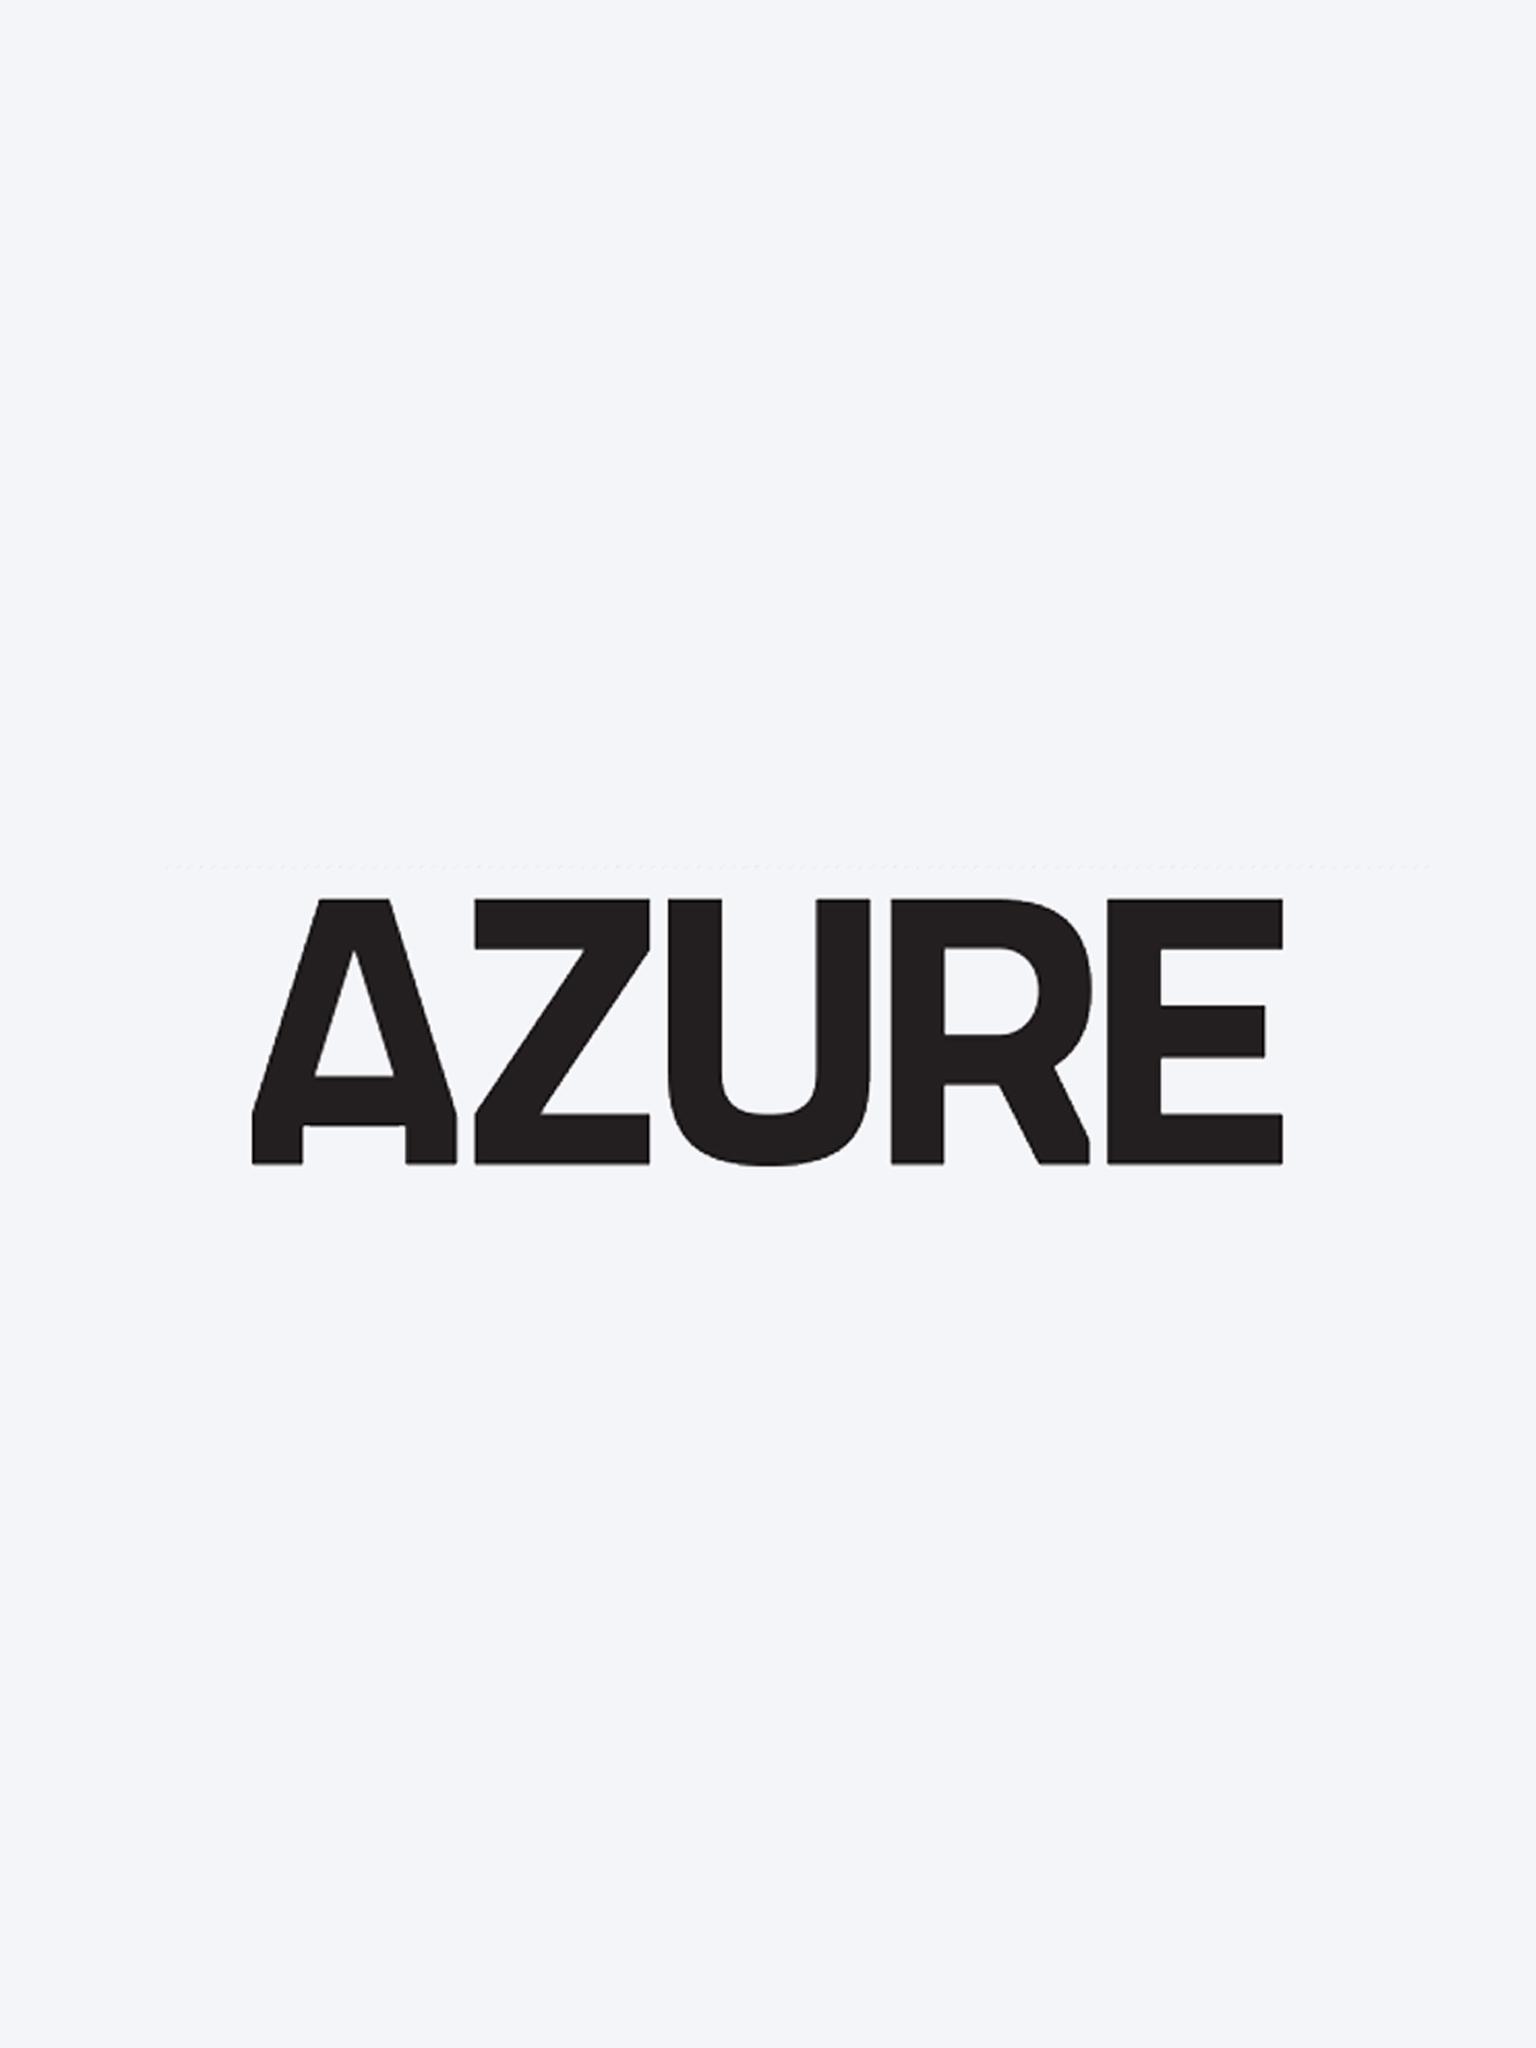 Azure - Nov 16